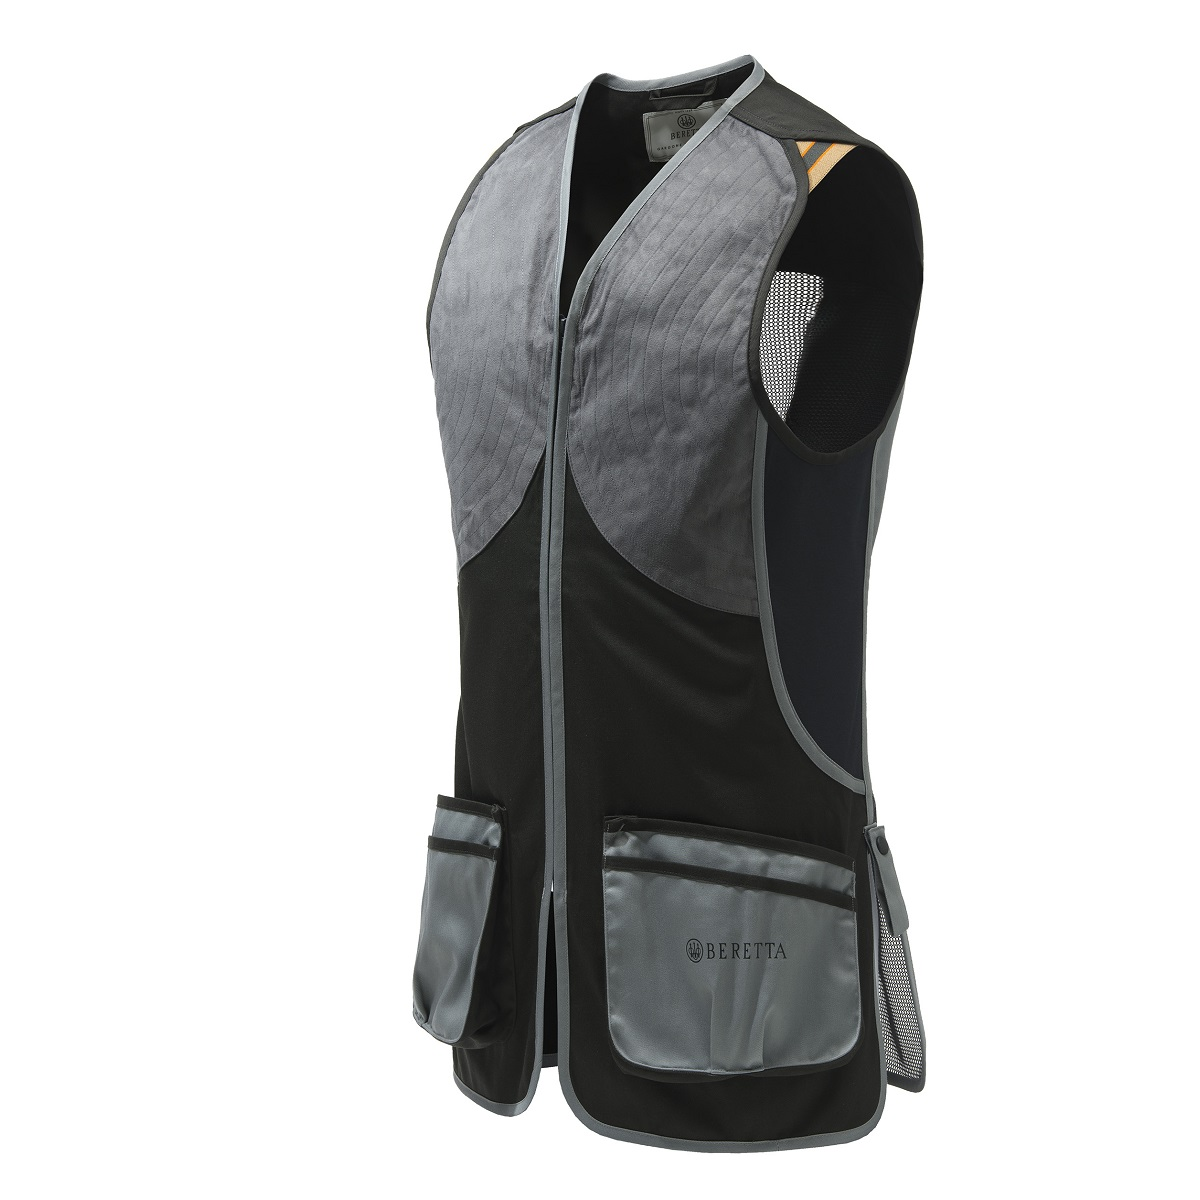 DT11 Microsuede Slide Vest - Black & Gray